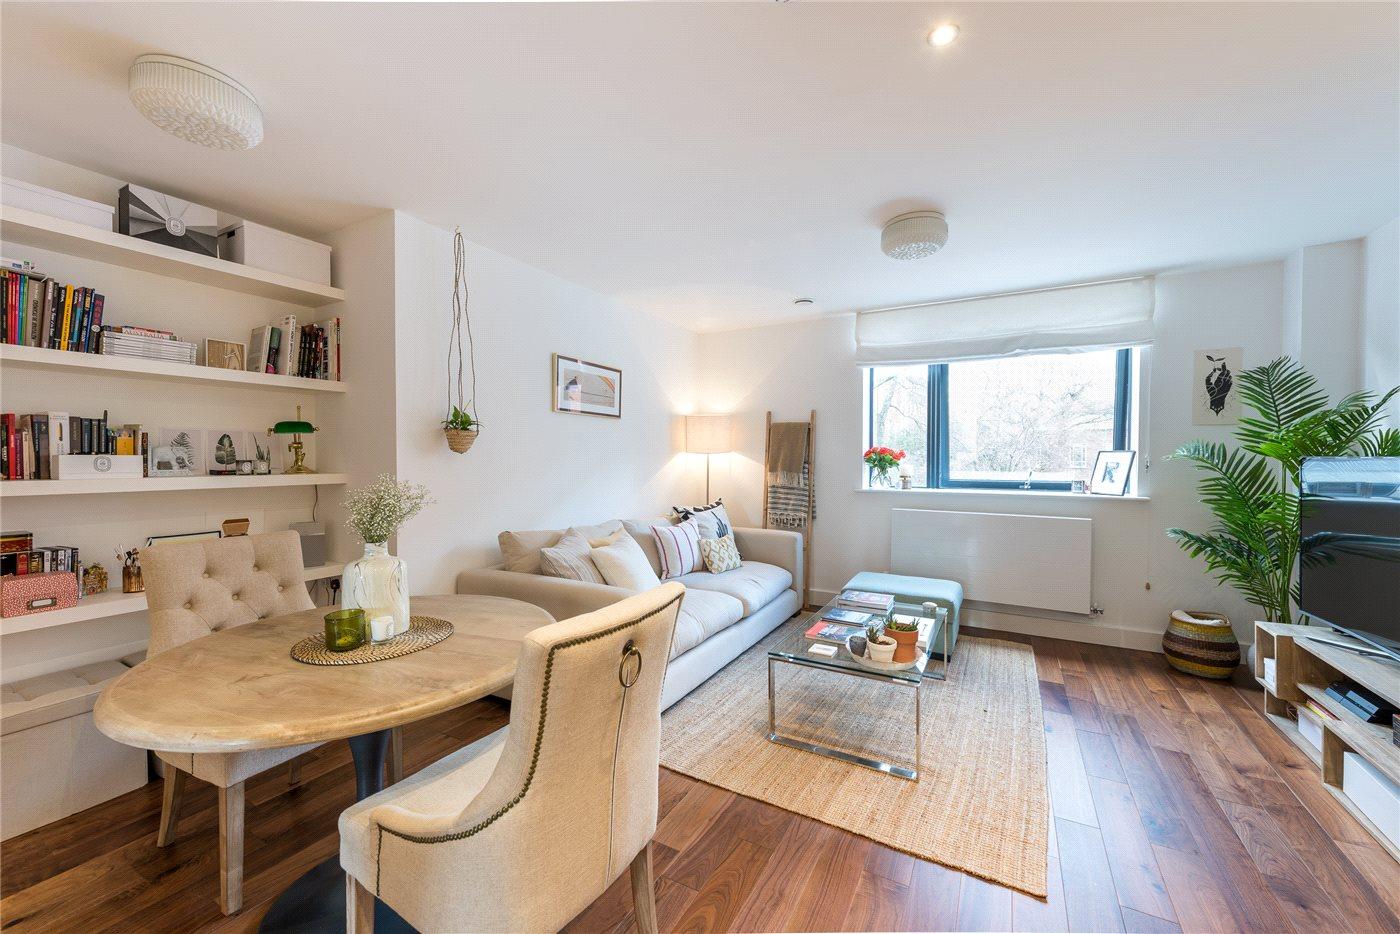 One bedroom apartement in Exeter